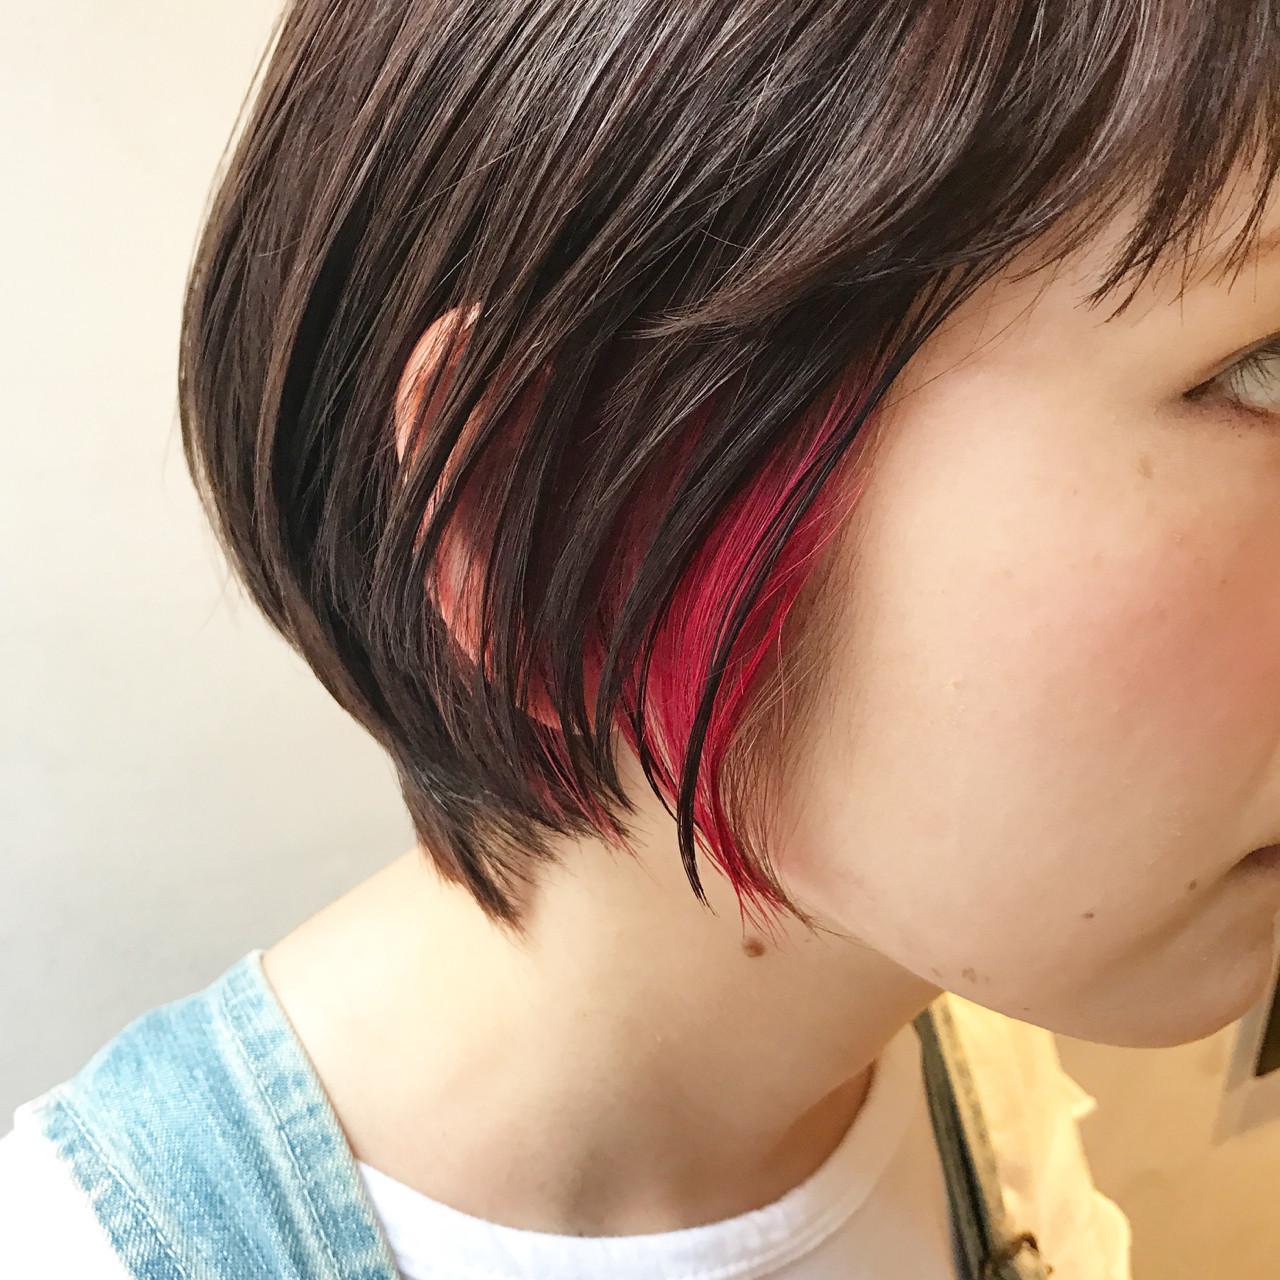 プラス赤色で人目を集めたおしゃれヘアに♡ miya/@1031miya